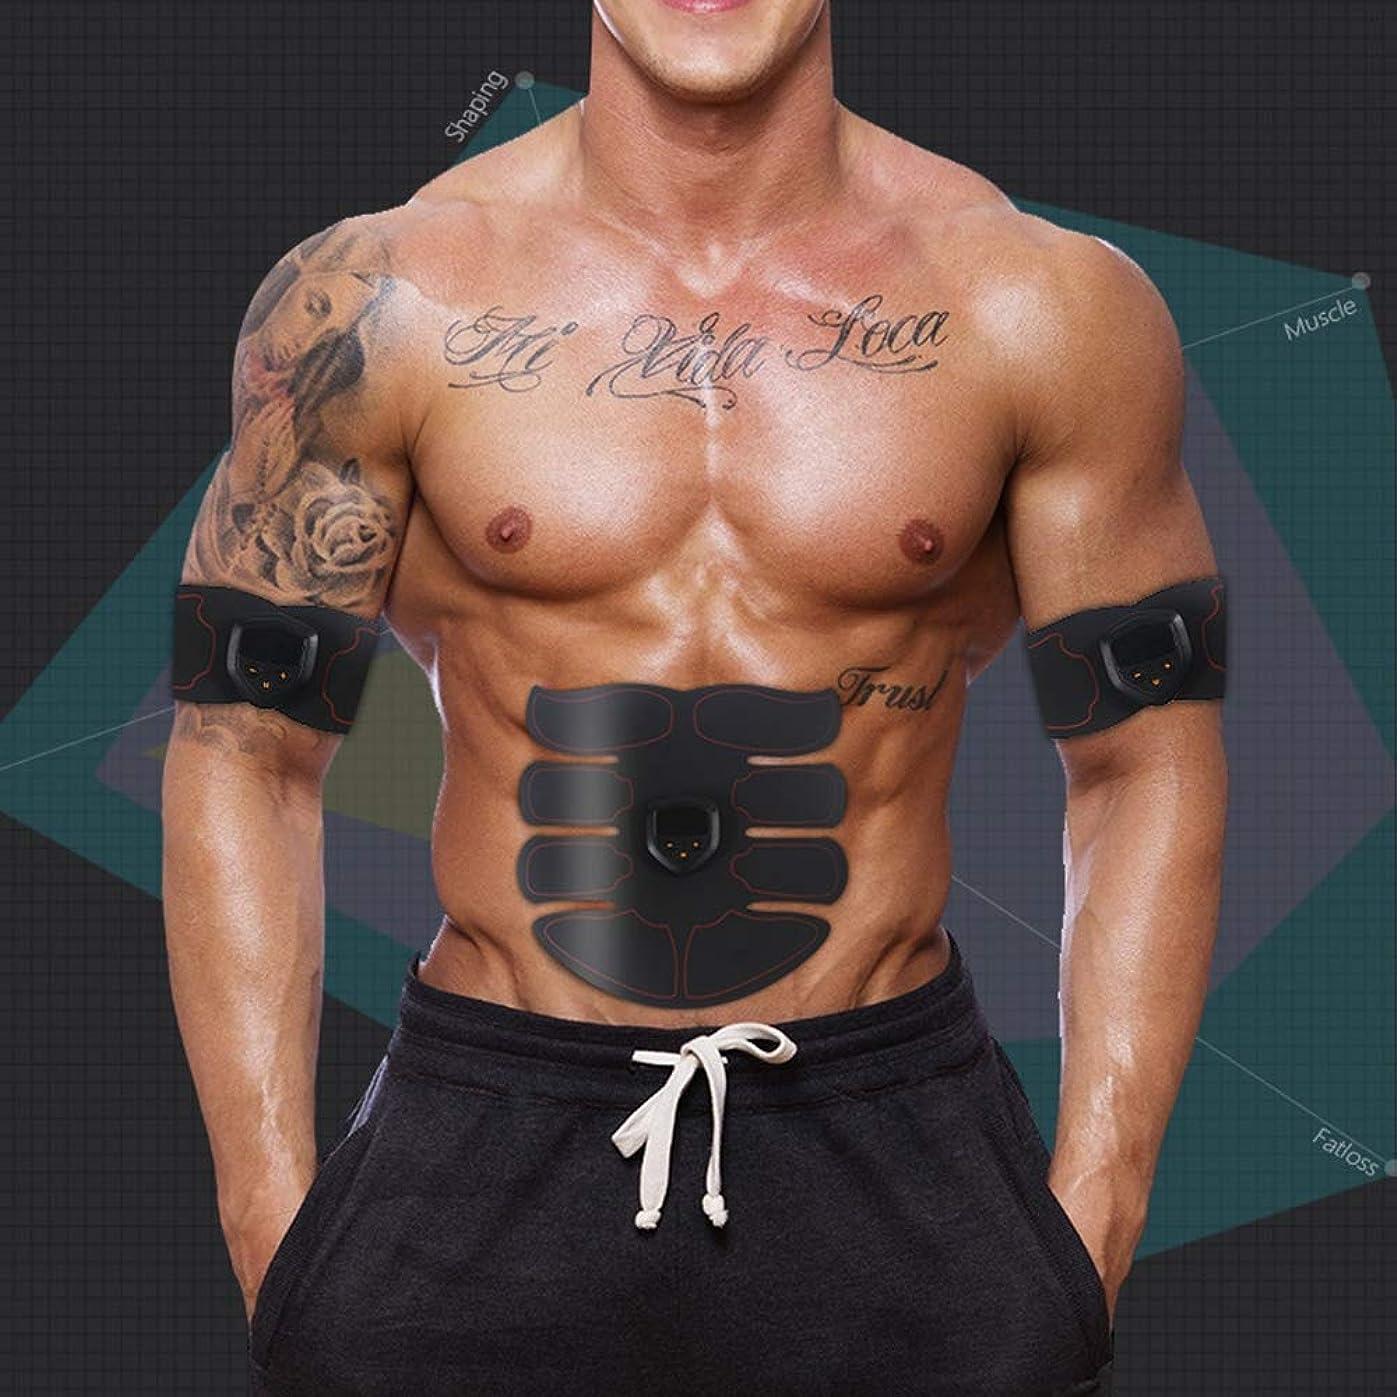 控える組み込む恐怖スマート腹部usb充電式筋肉刺激装置ems absトレーナー減量機フルウエストスポーツマッサージャーユニセックスフィットネス機器